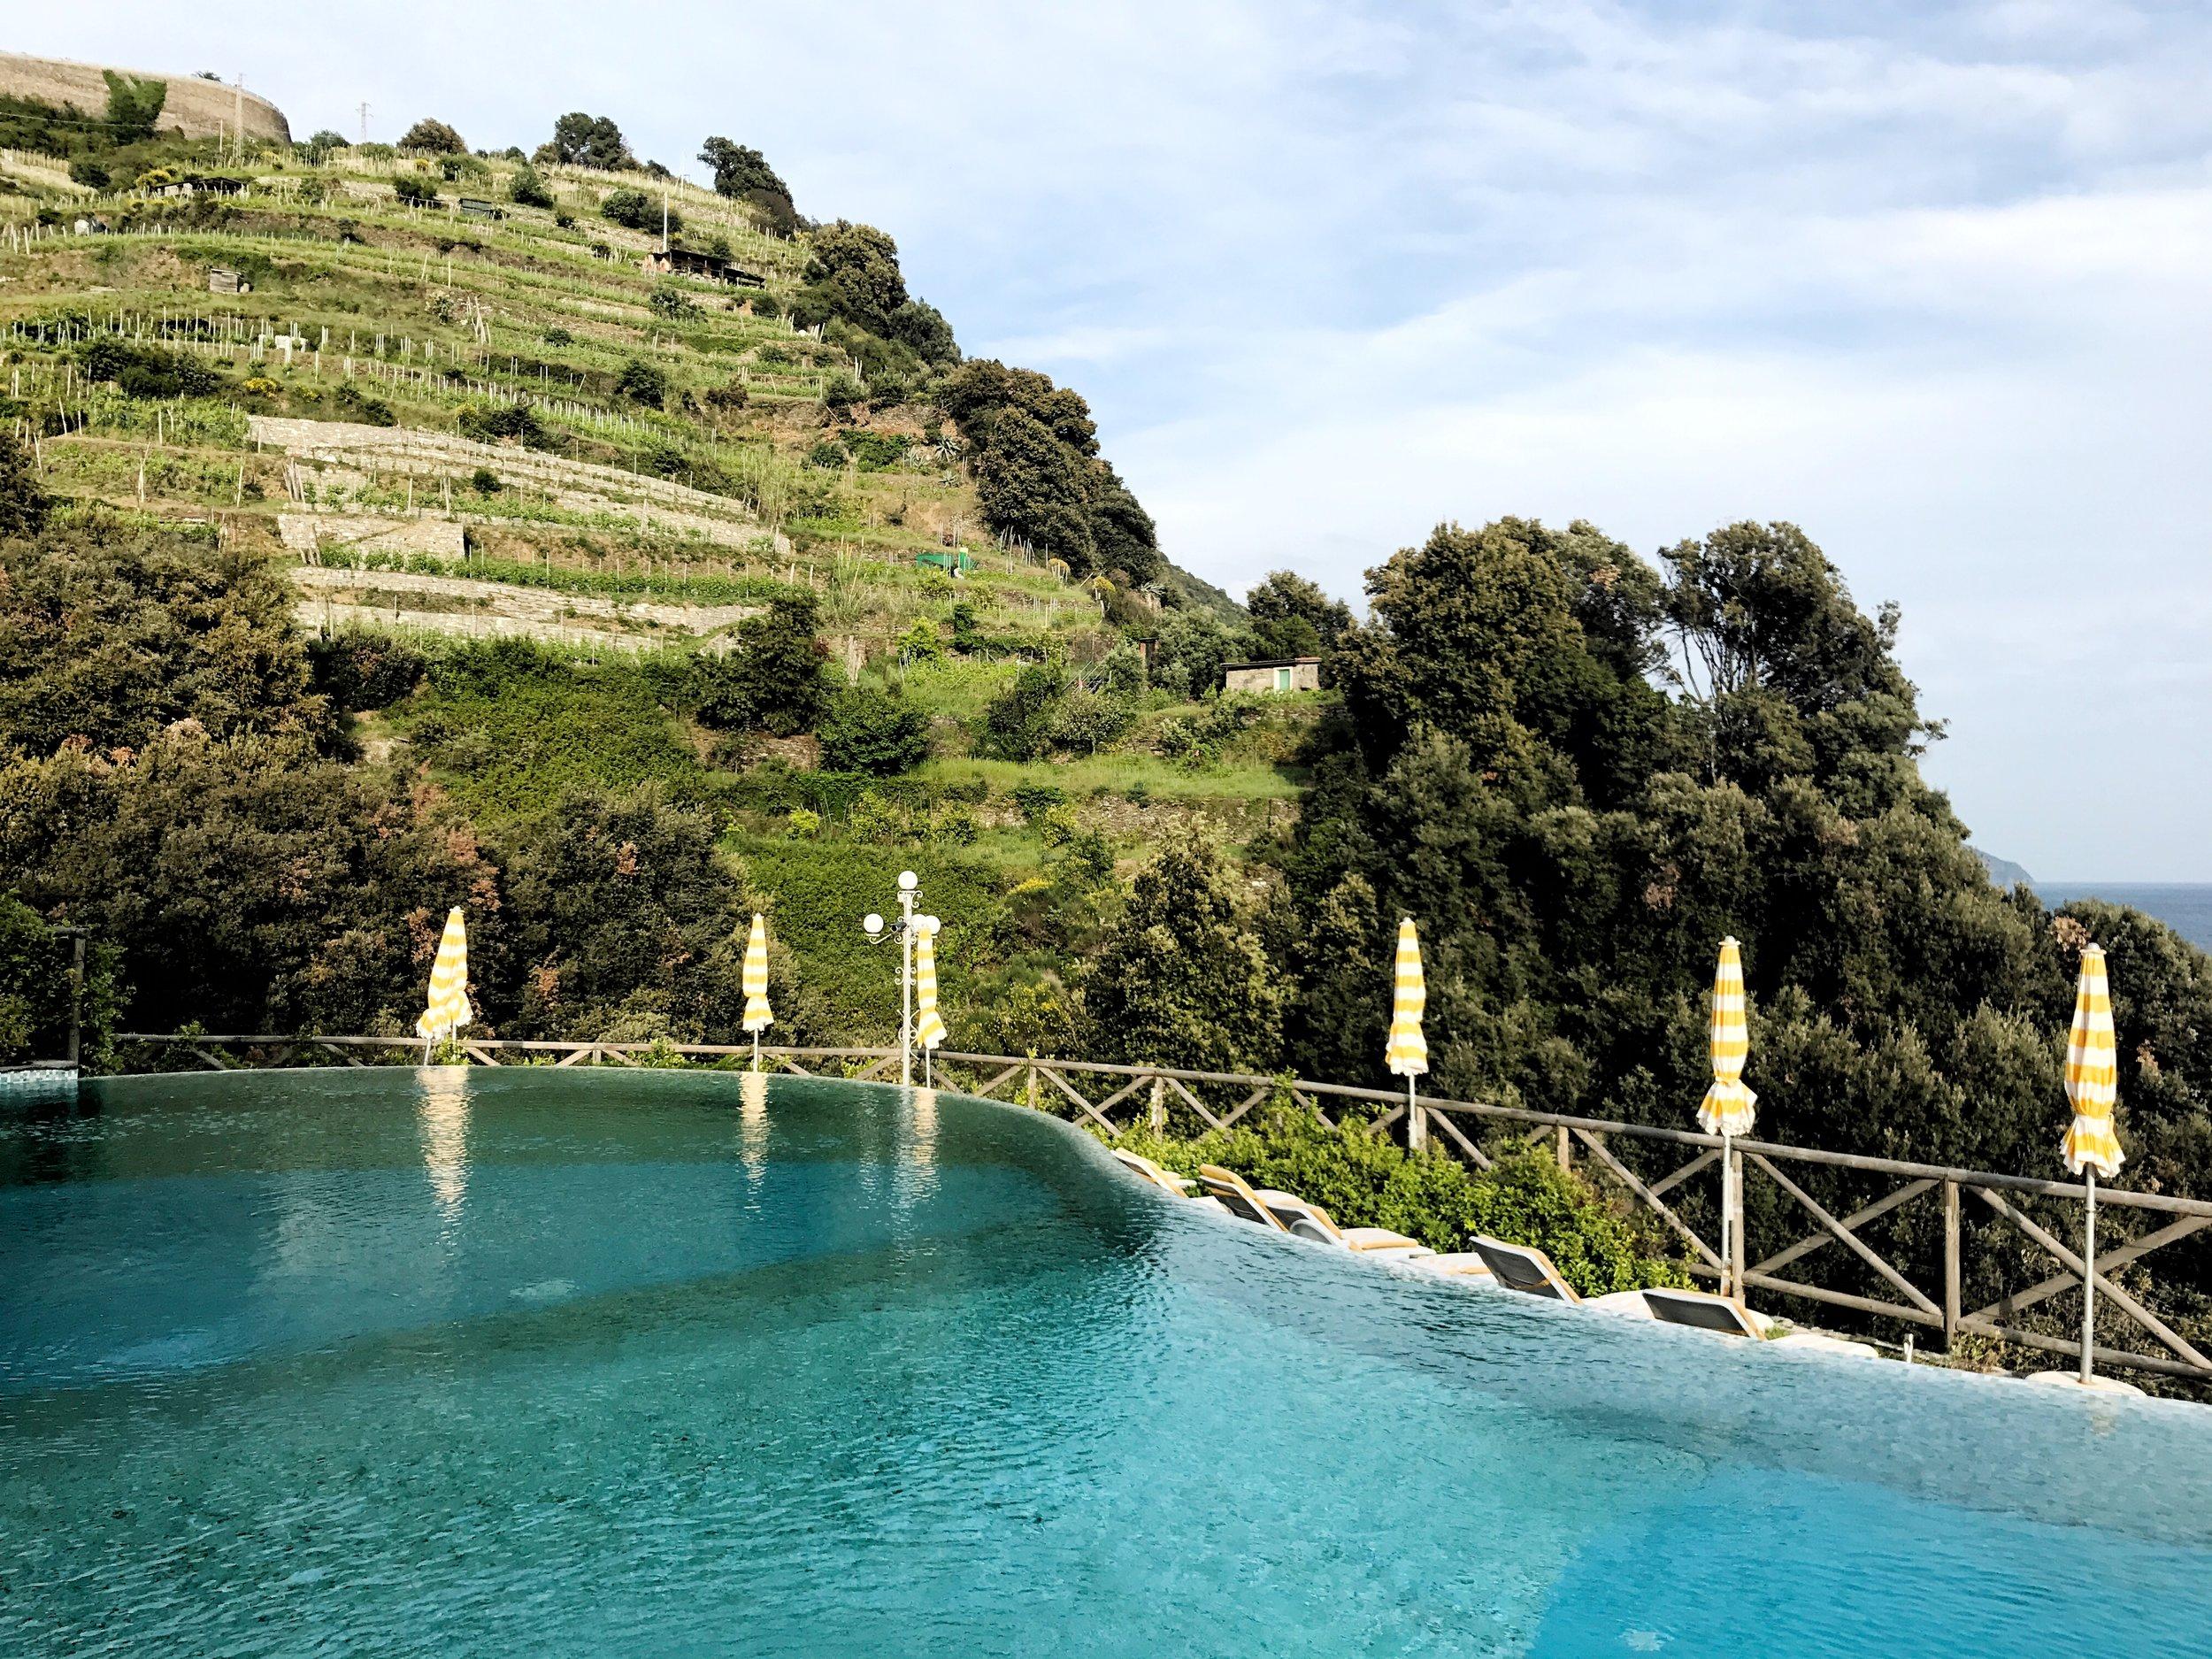 Cliffside pool at the hotel Porto Roca in Monterosso al Mare